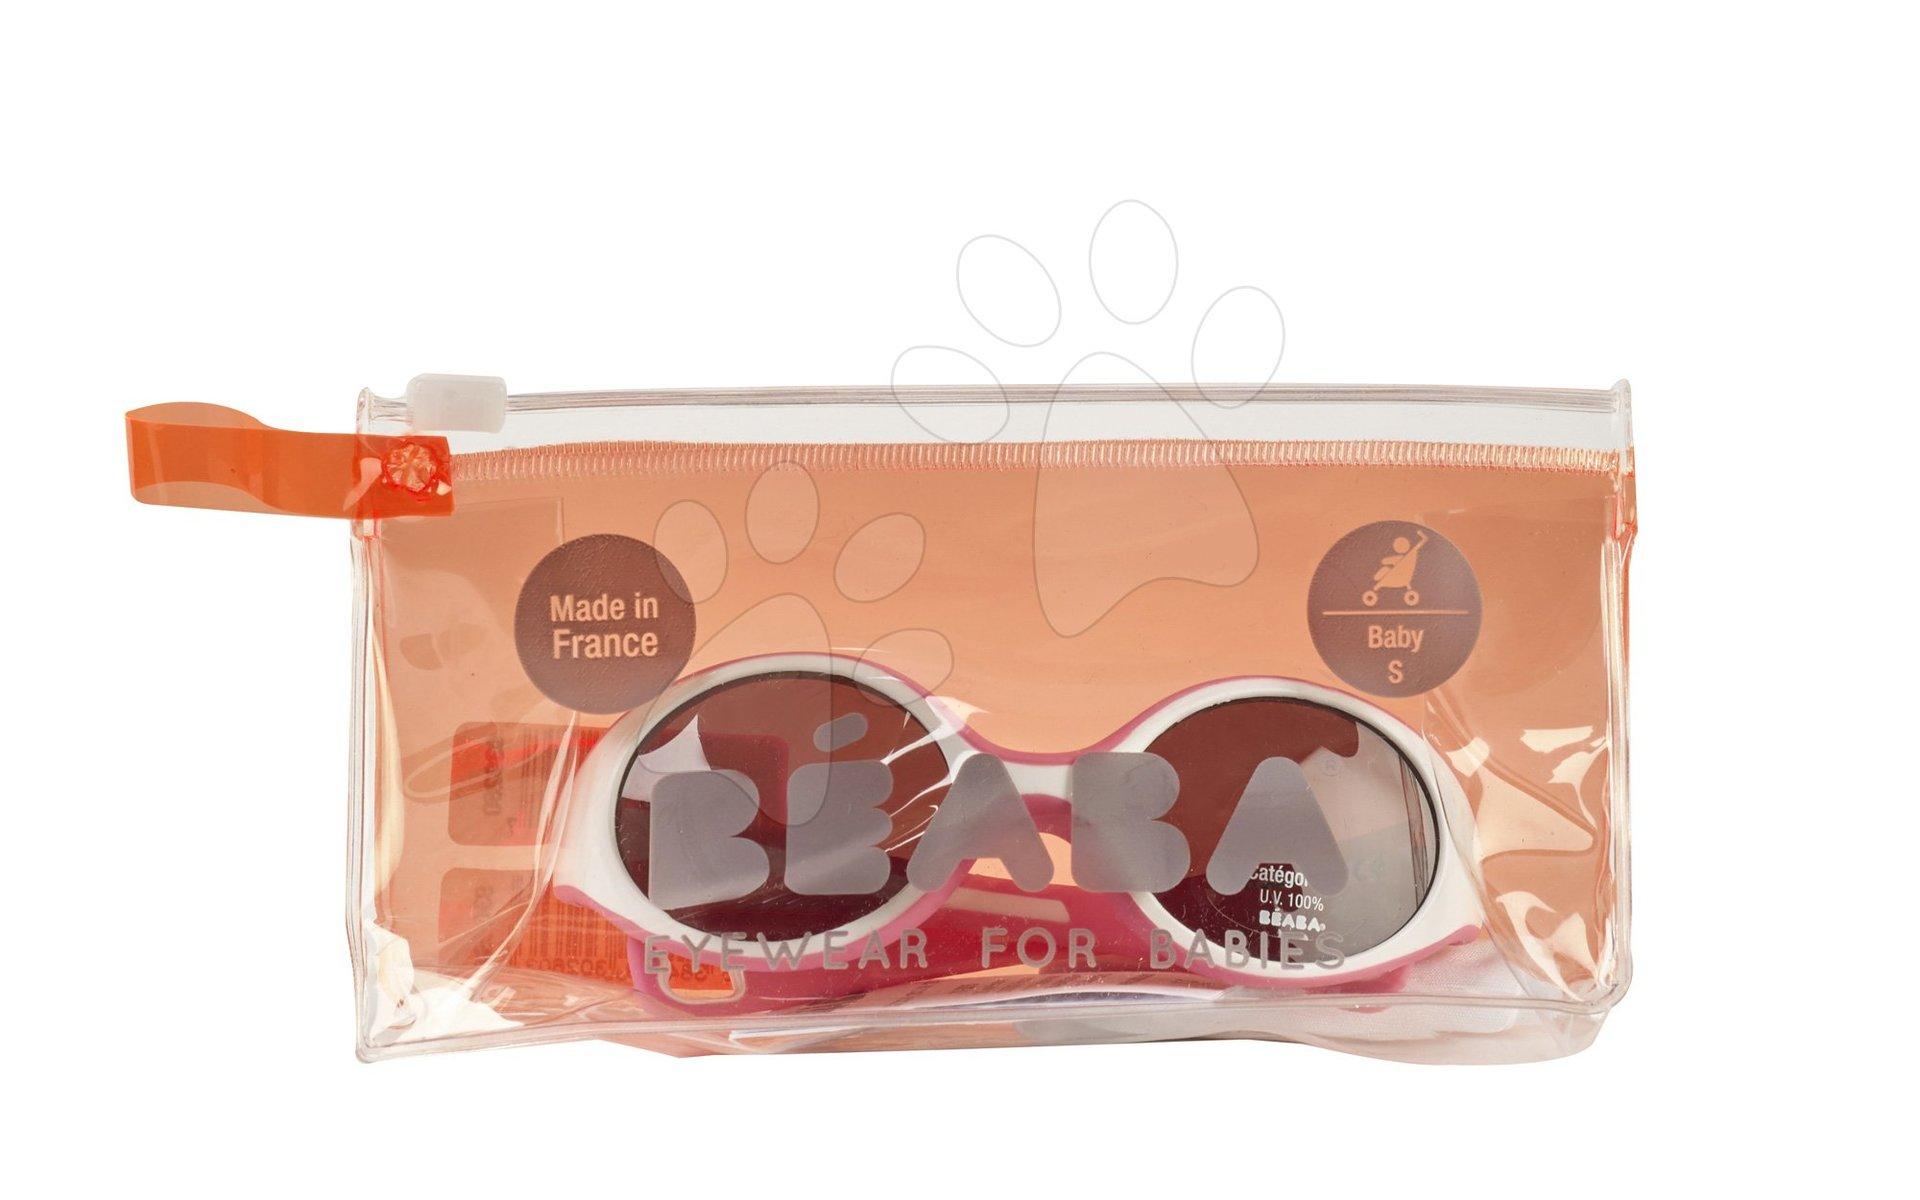 Napszemüveg UV szűrővel Beaba rózsaszín 59c5328907